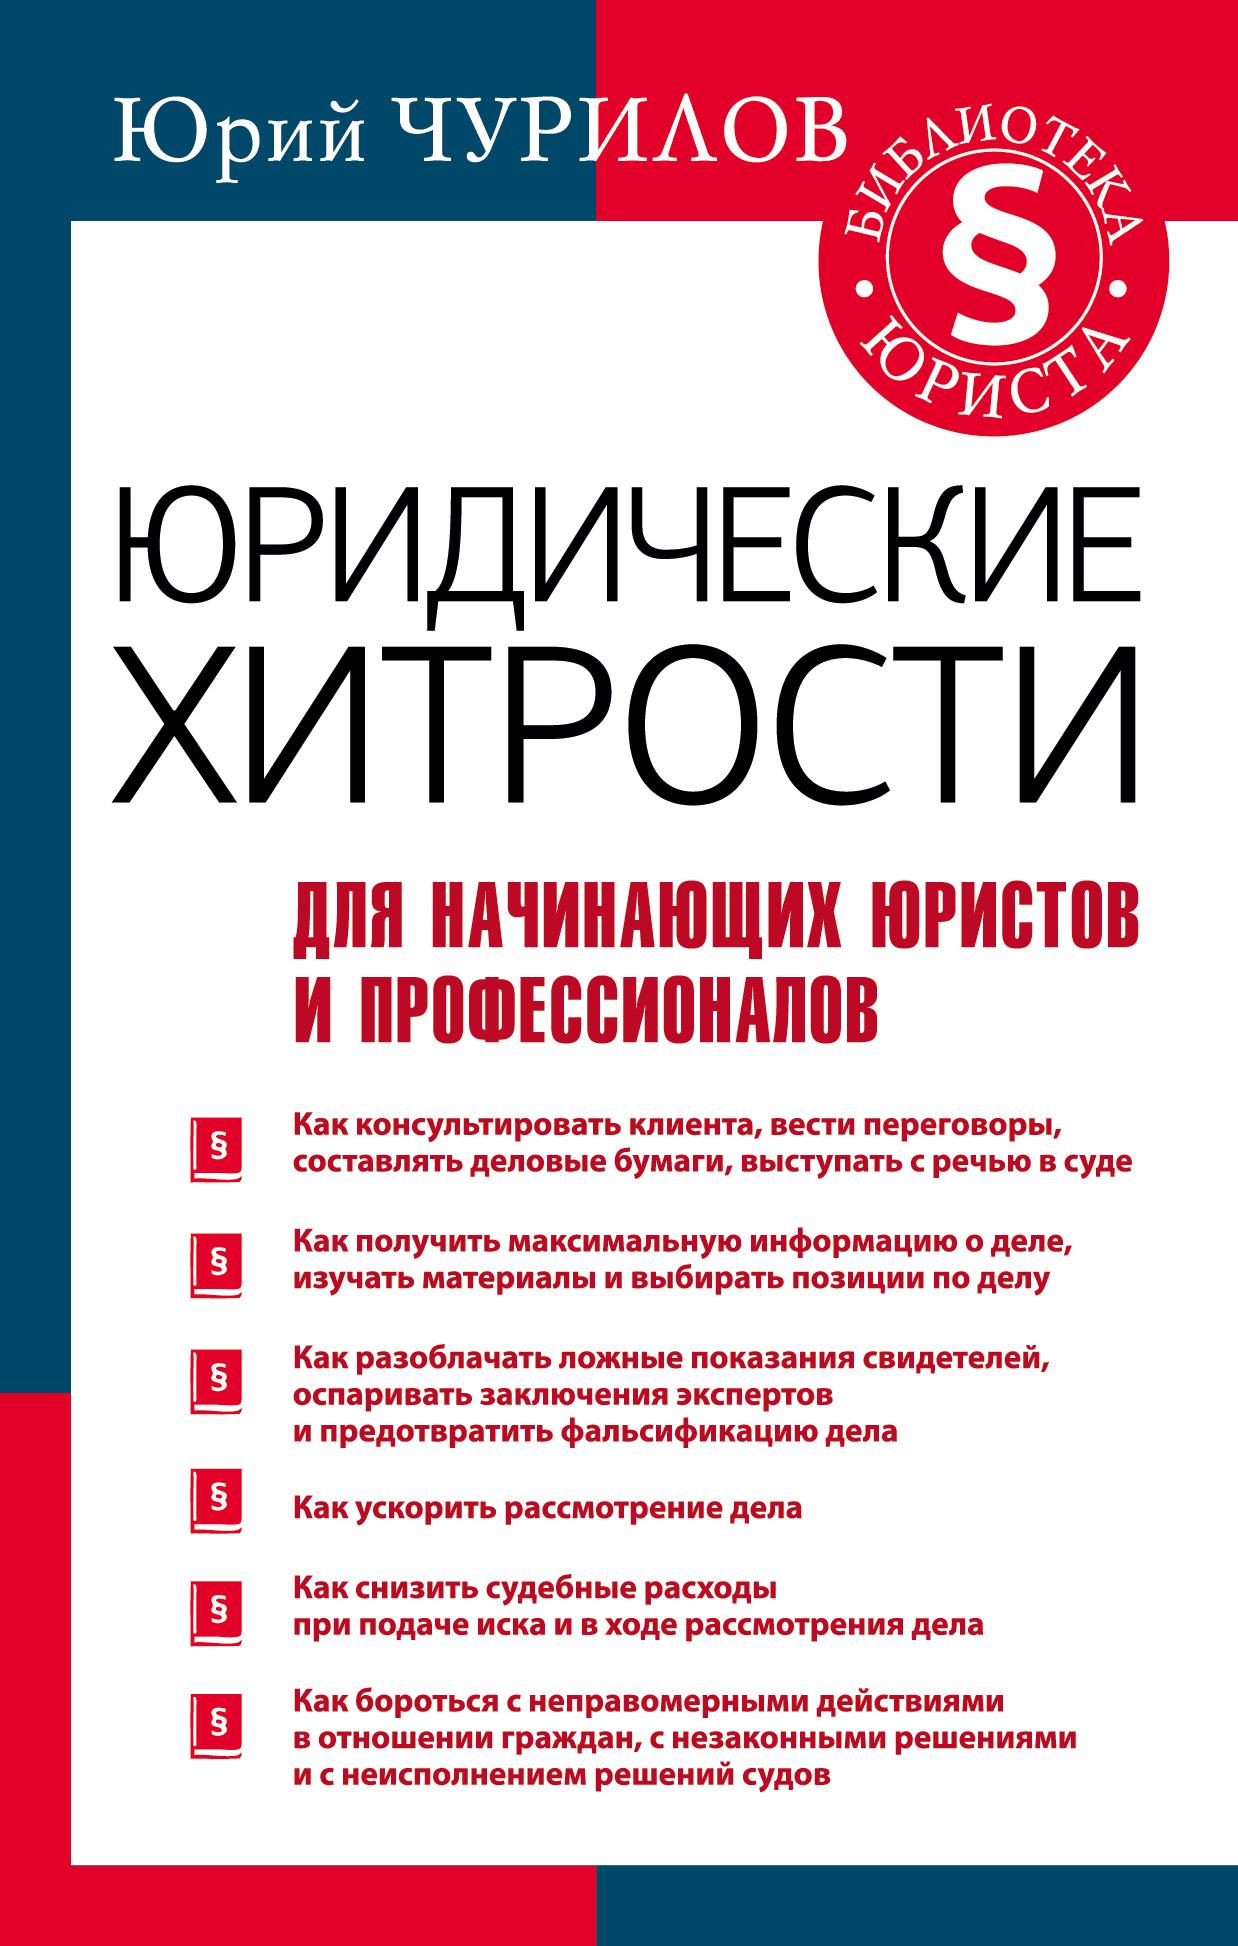 Юридические хитрости для начинающих юристов и профессионалов ( Чурилов Юрий  )